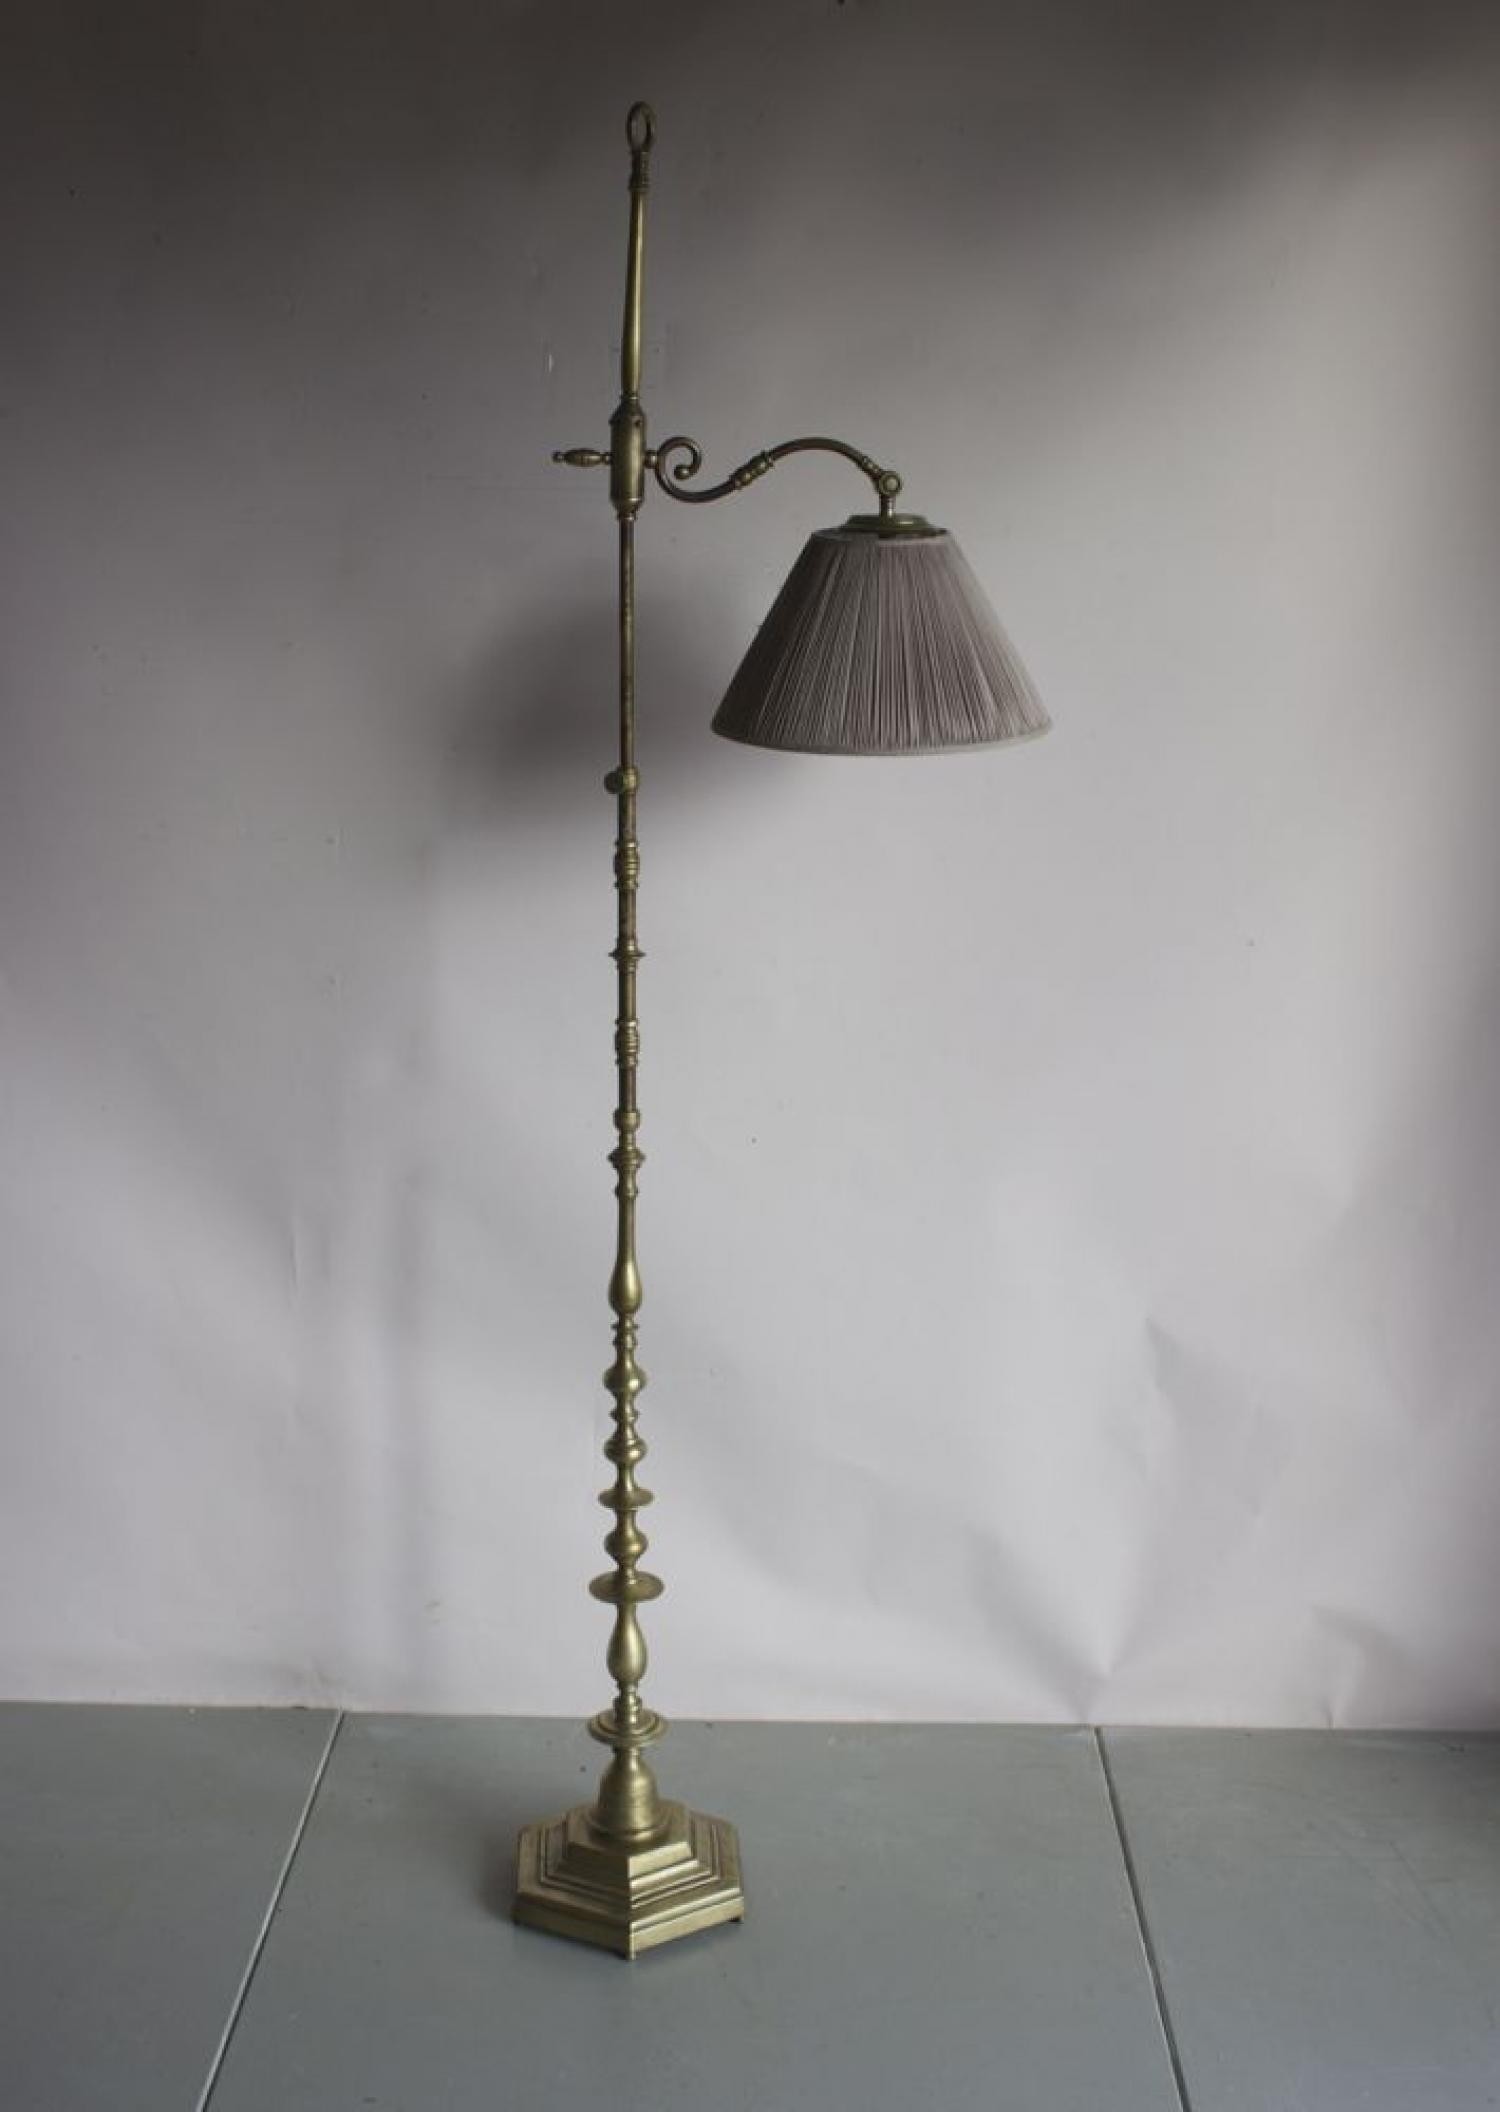 Antique Reading Lamps Norfolk Decorative Antiques